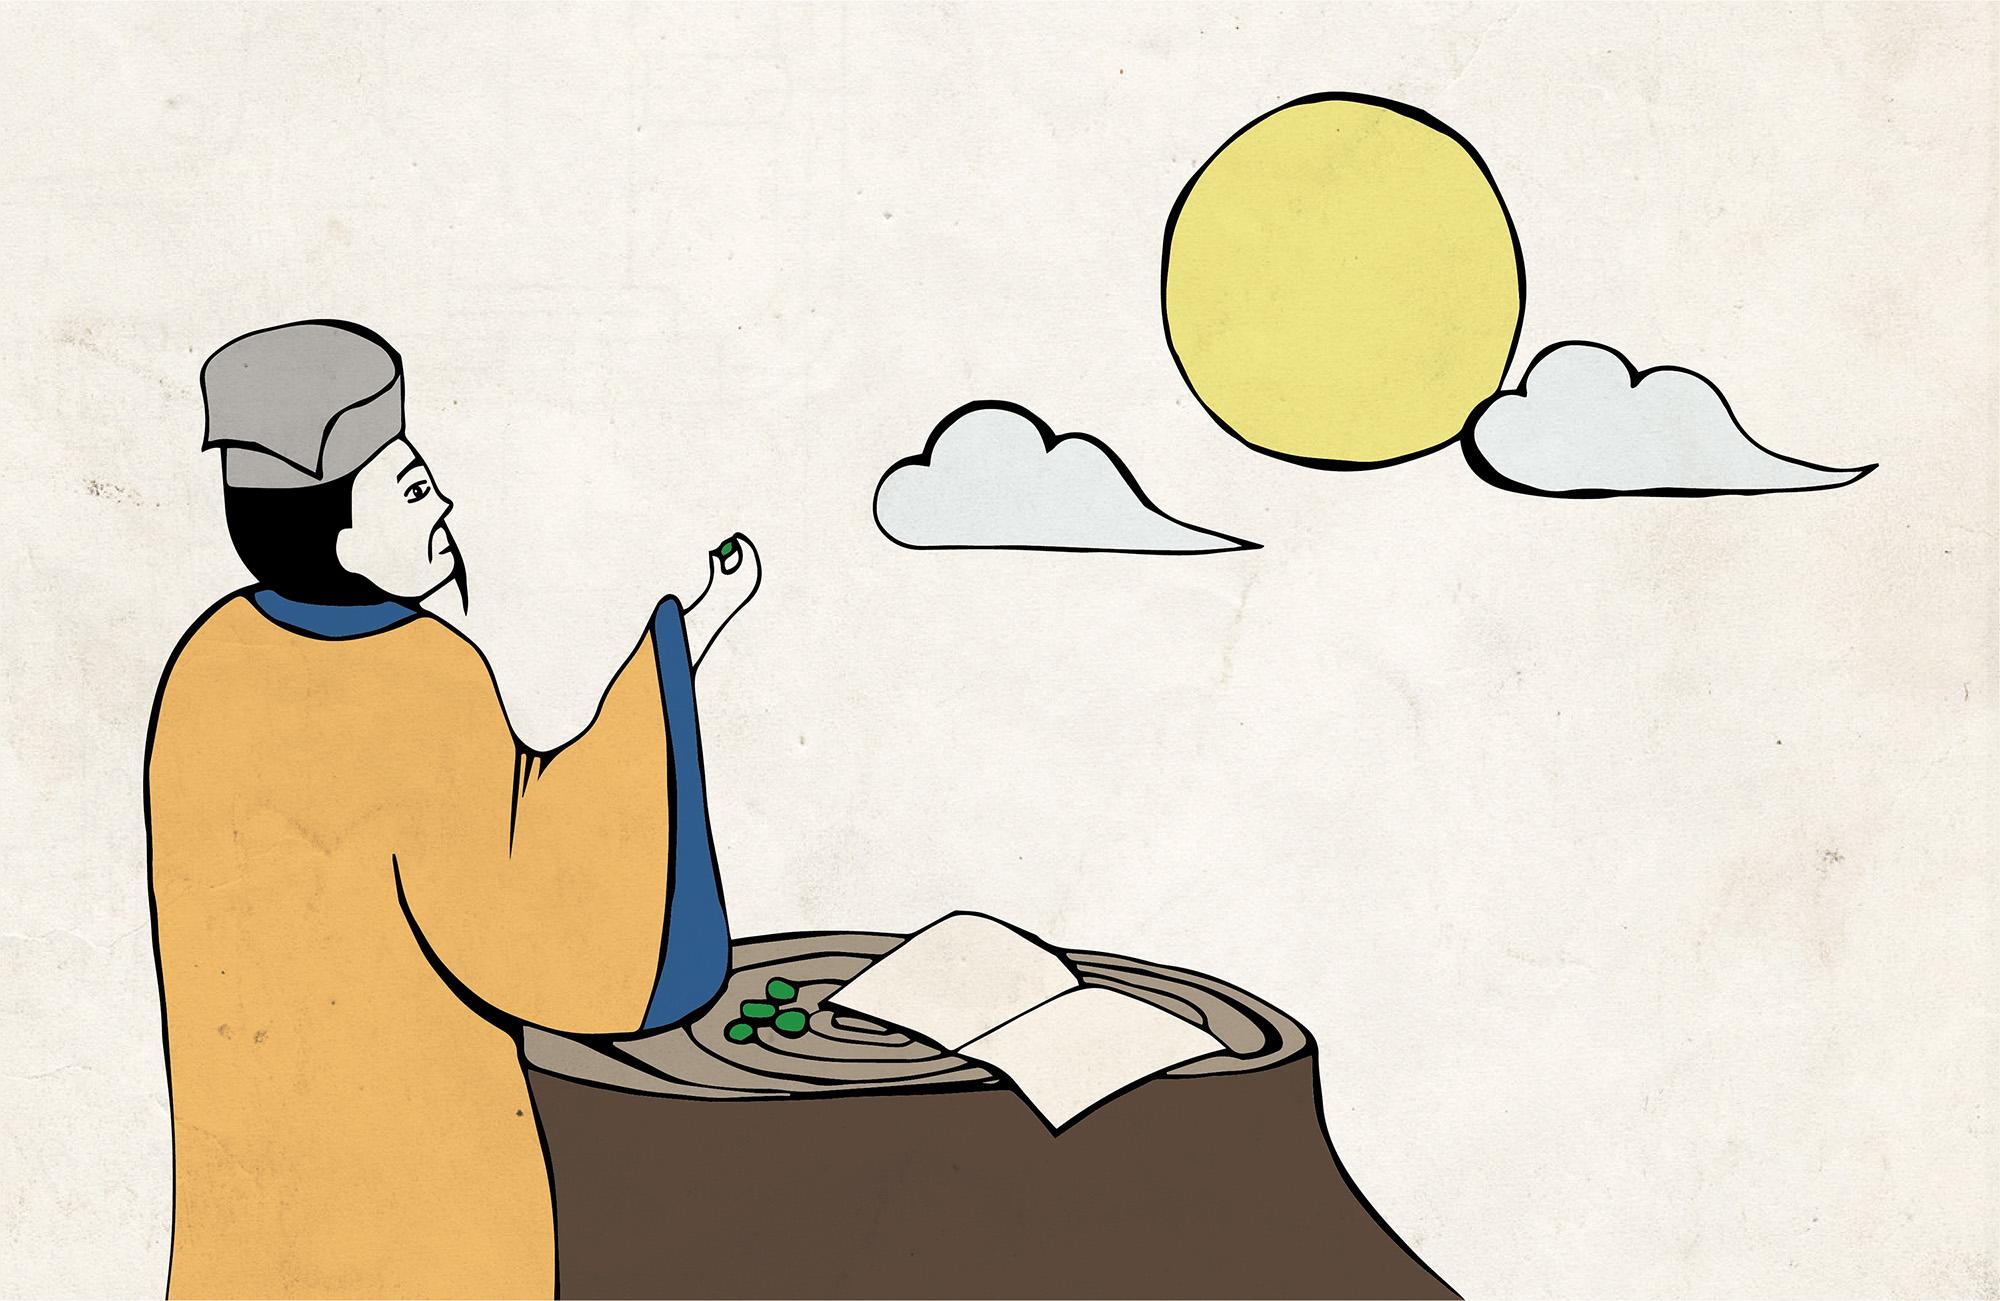 蘇軾被貶官到海南島的時候,有沒有可能在邊賞月的時候,邊吃著檳榔呢? 繪圖示意│黃楷元、張語辰